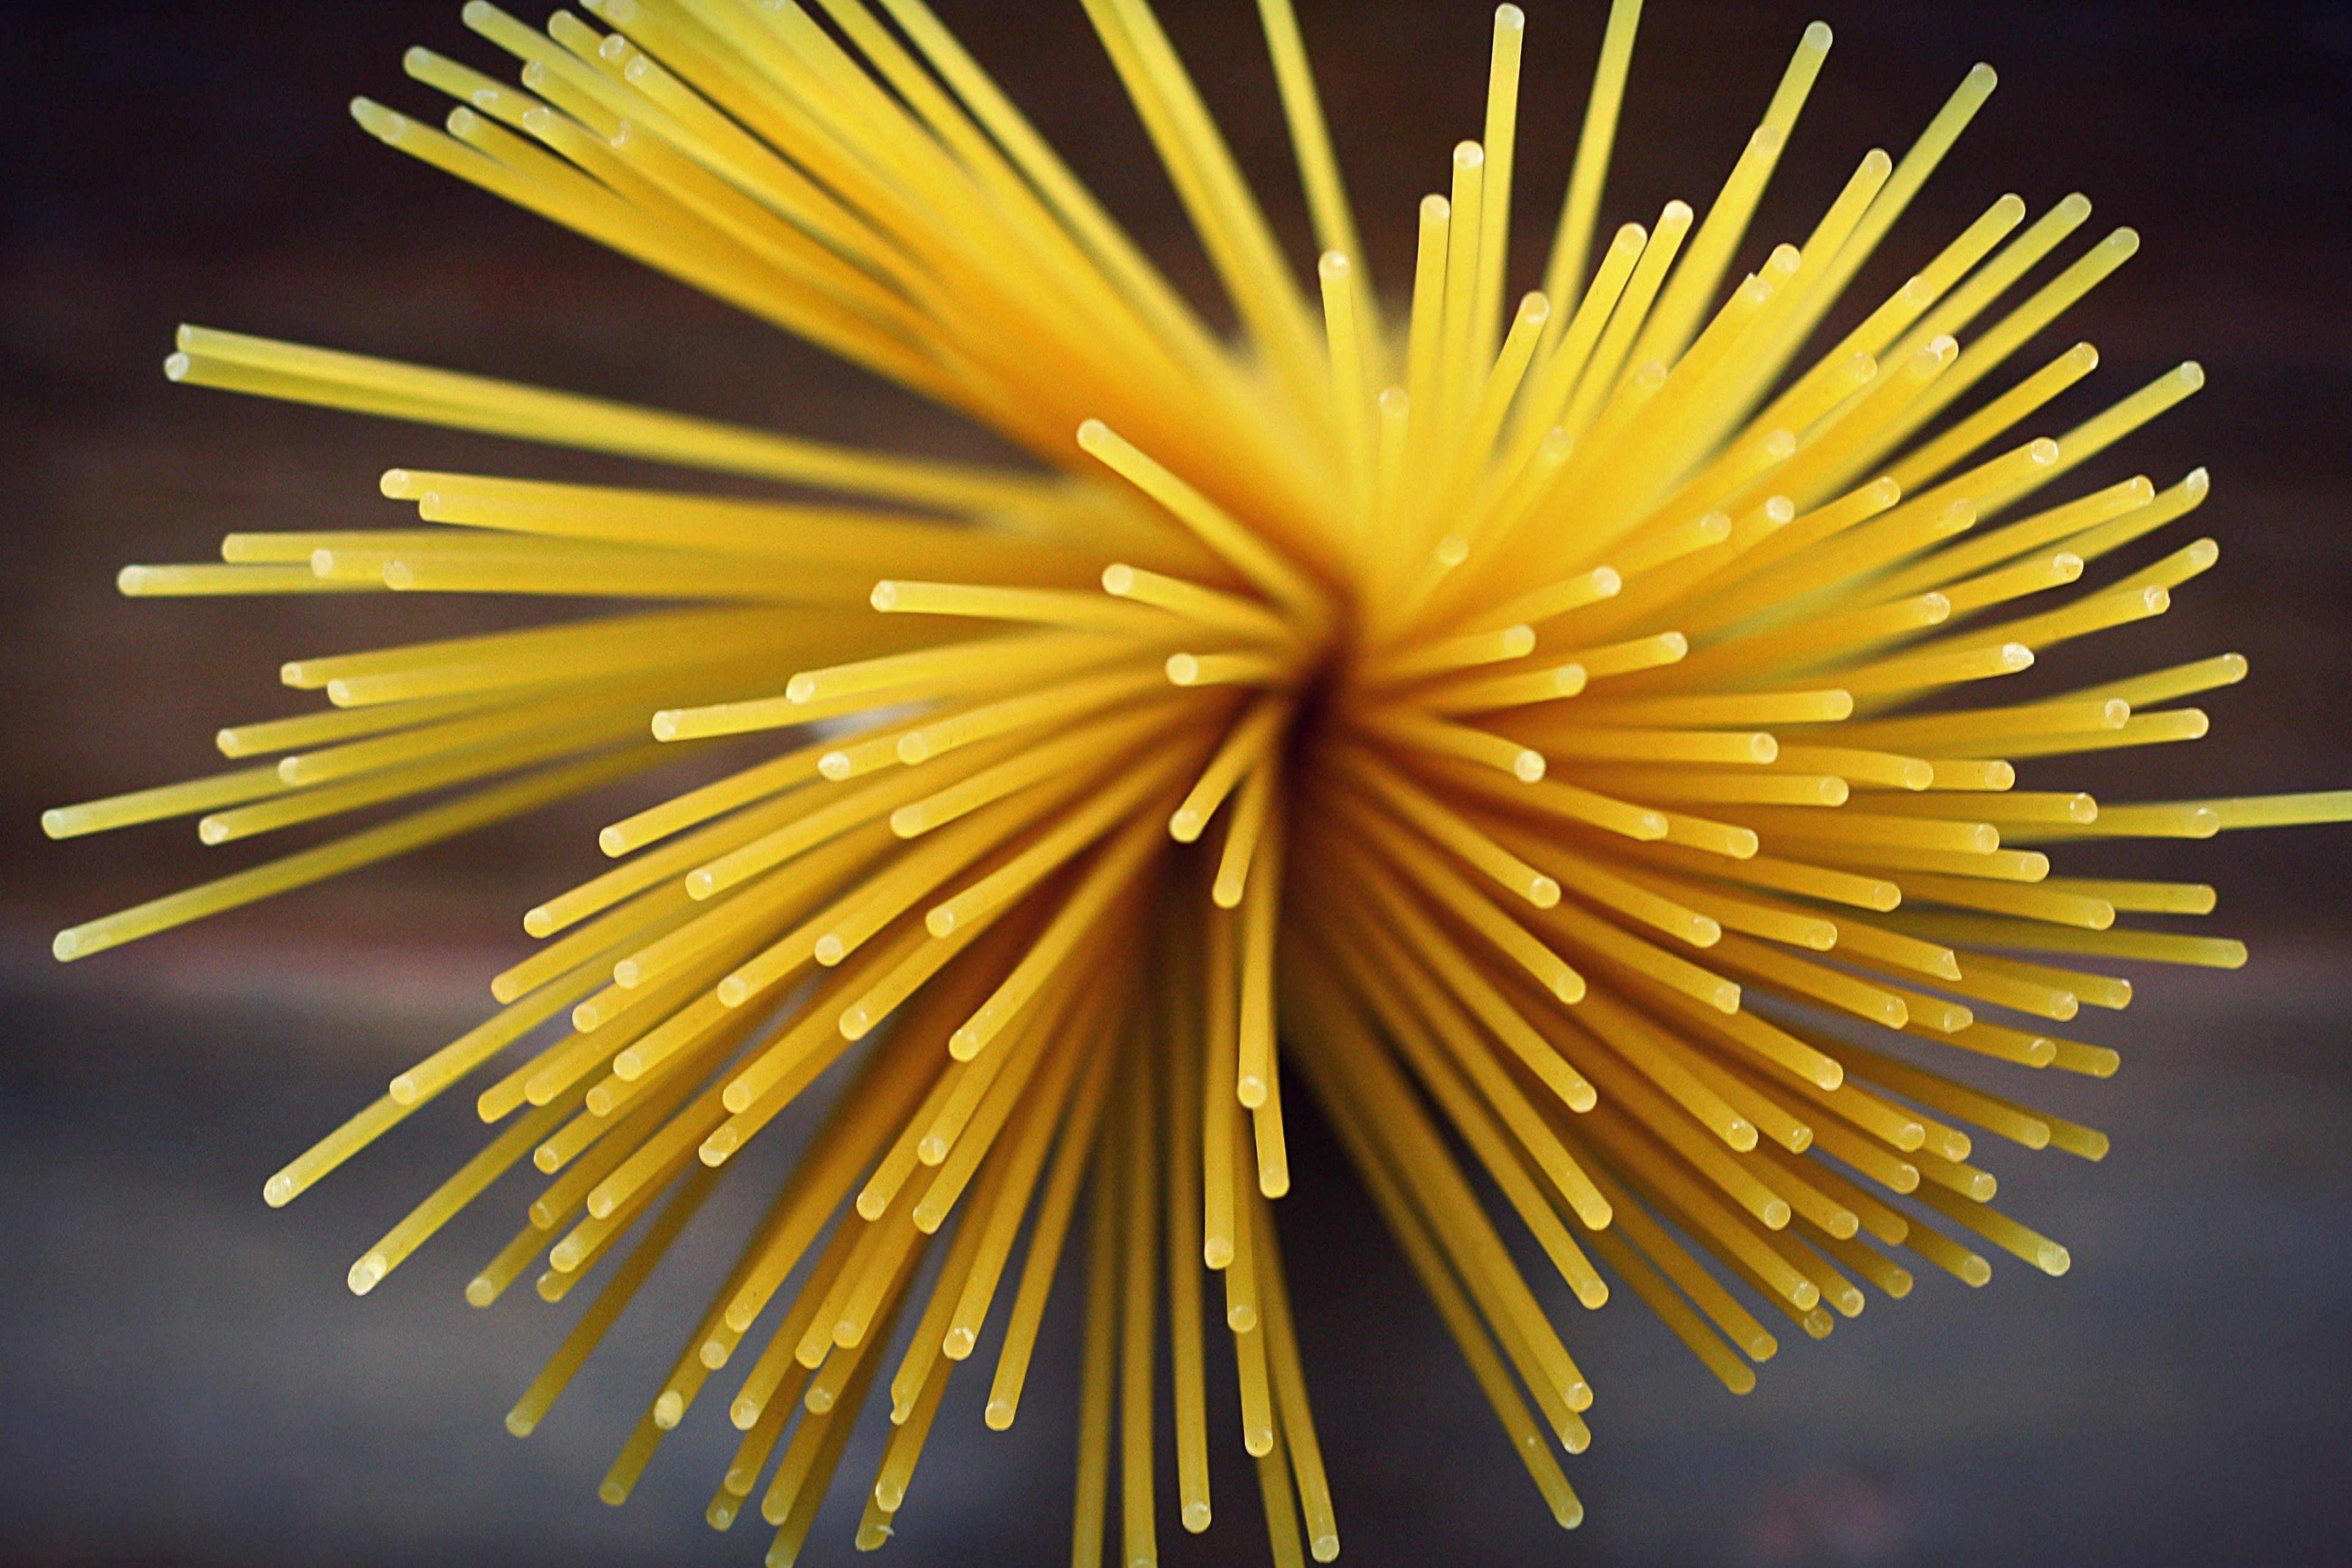 Kostenloses Stock Foto zu essen, gold, italienisch, kochen